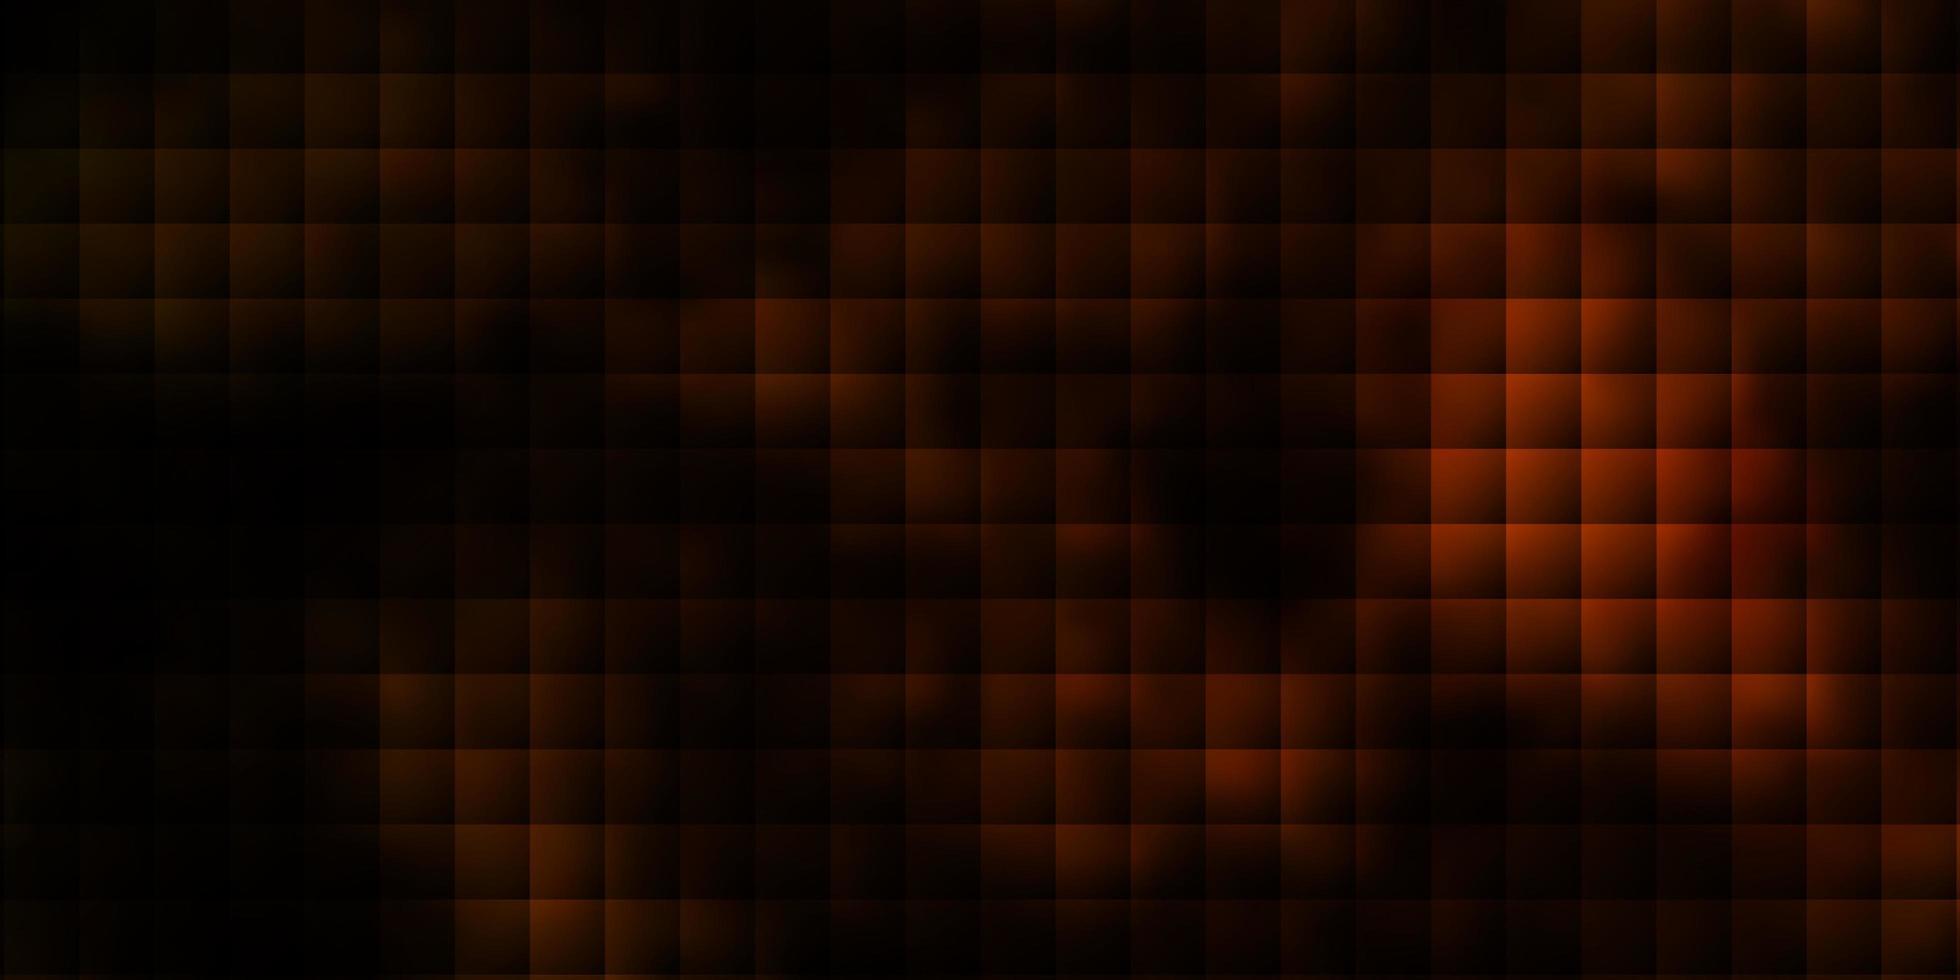 fundo laranja escuro do vetor no estilo poligonal.